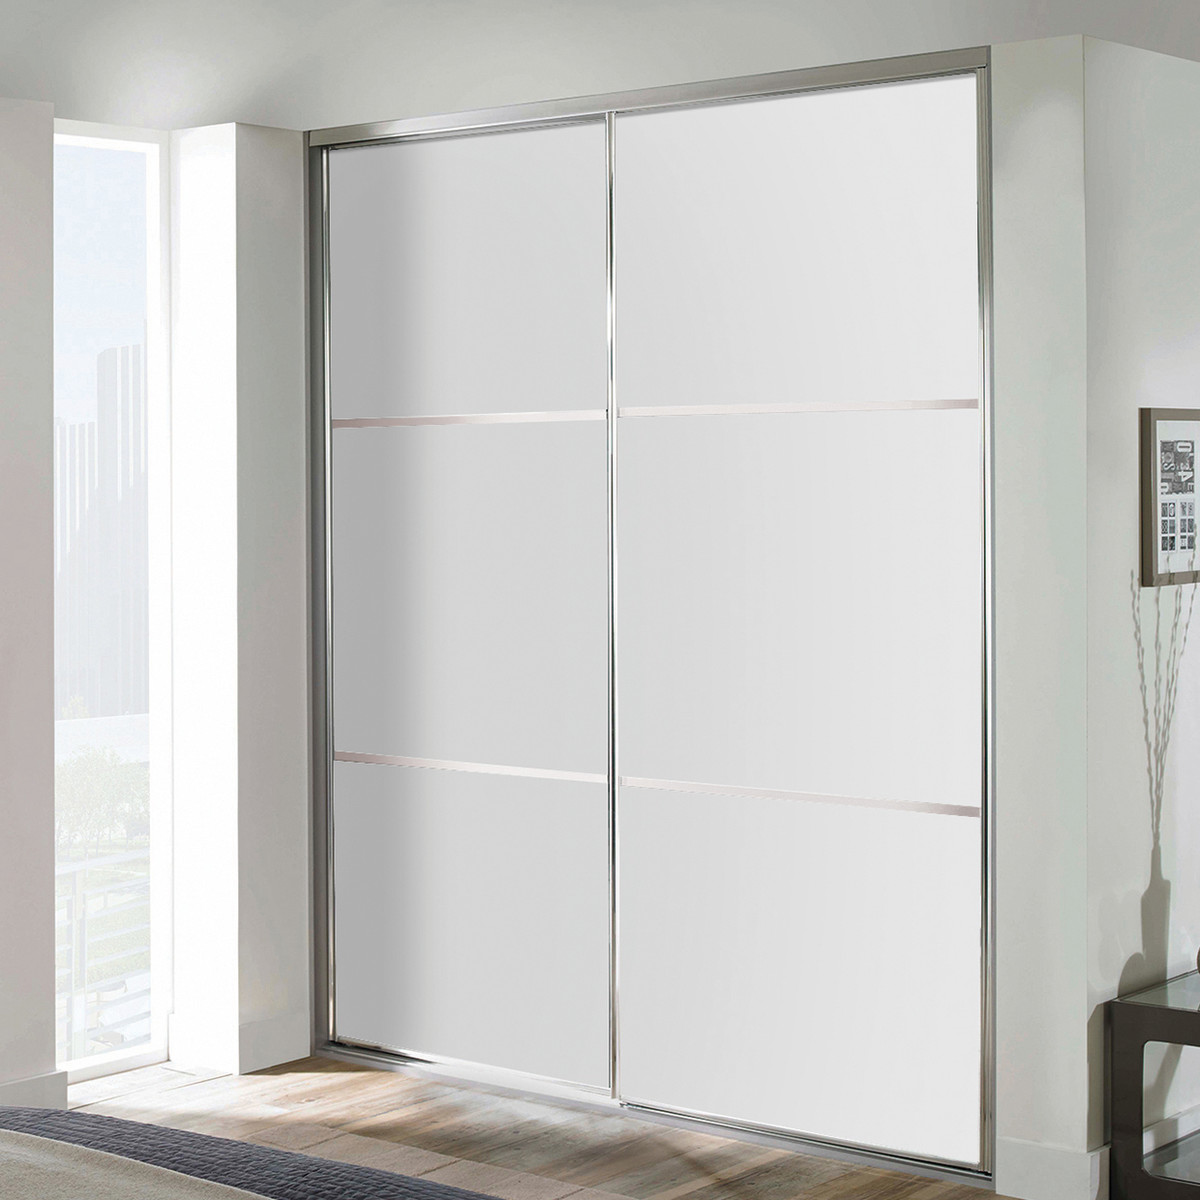 Ikea Pensili Con Ante Scorrevoli.Ante Armadio A Muro Ikea Vasi Da Muro Ikea Con Porte Per Interni